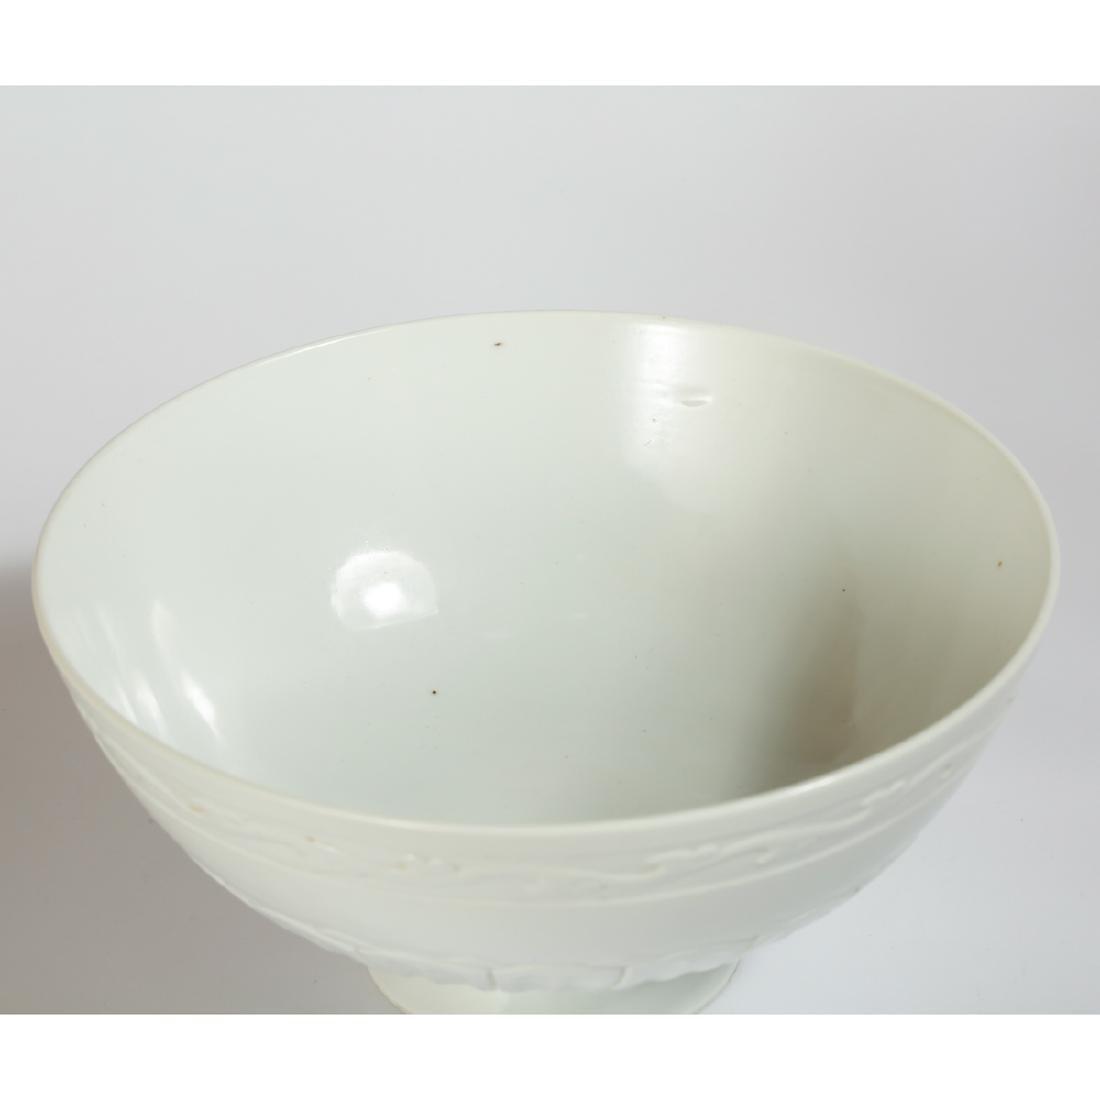 CHINESE WHITE GLAZED ANHUA BOWL - 2